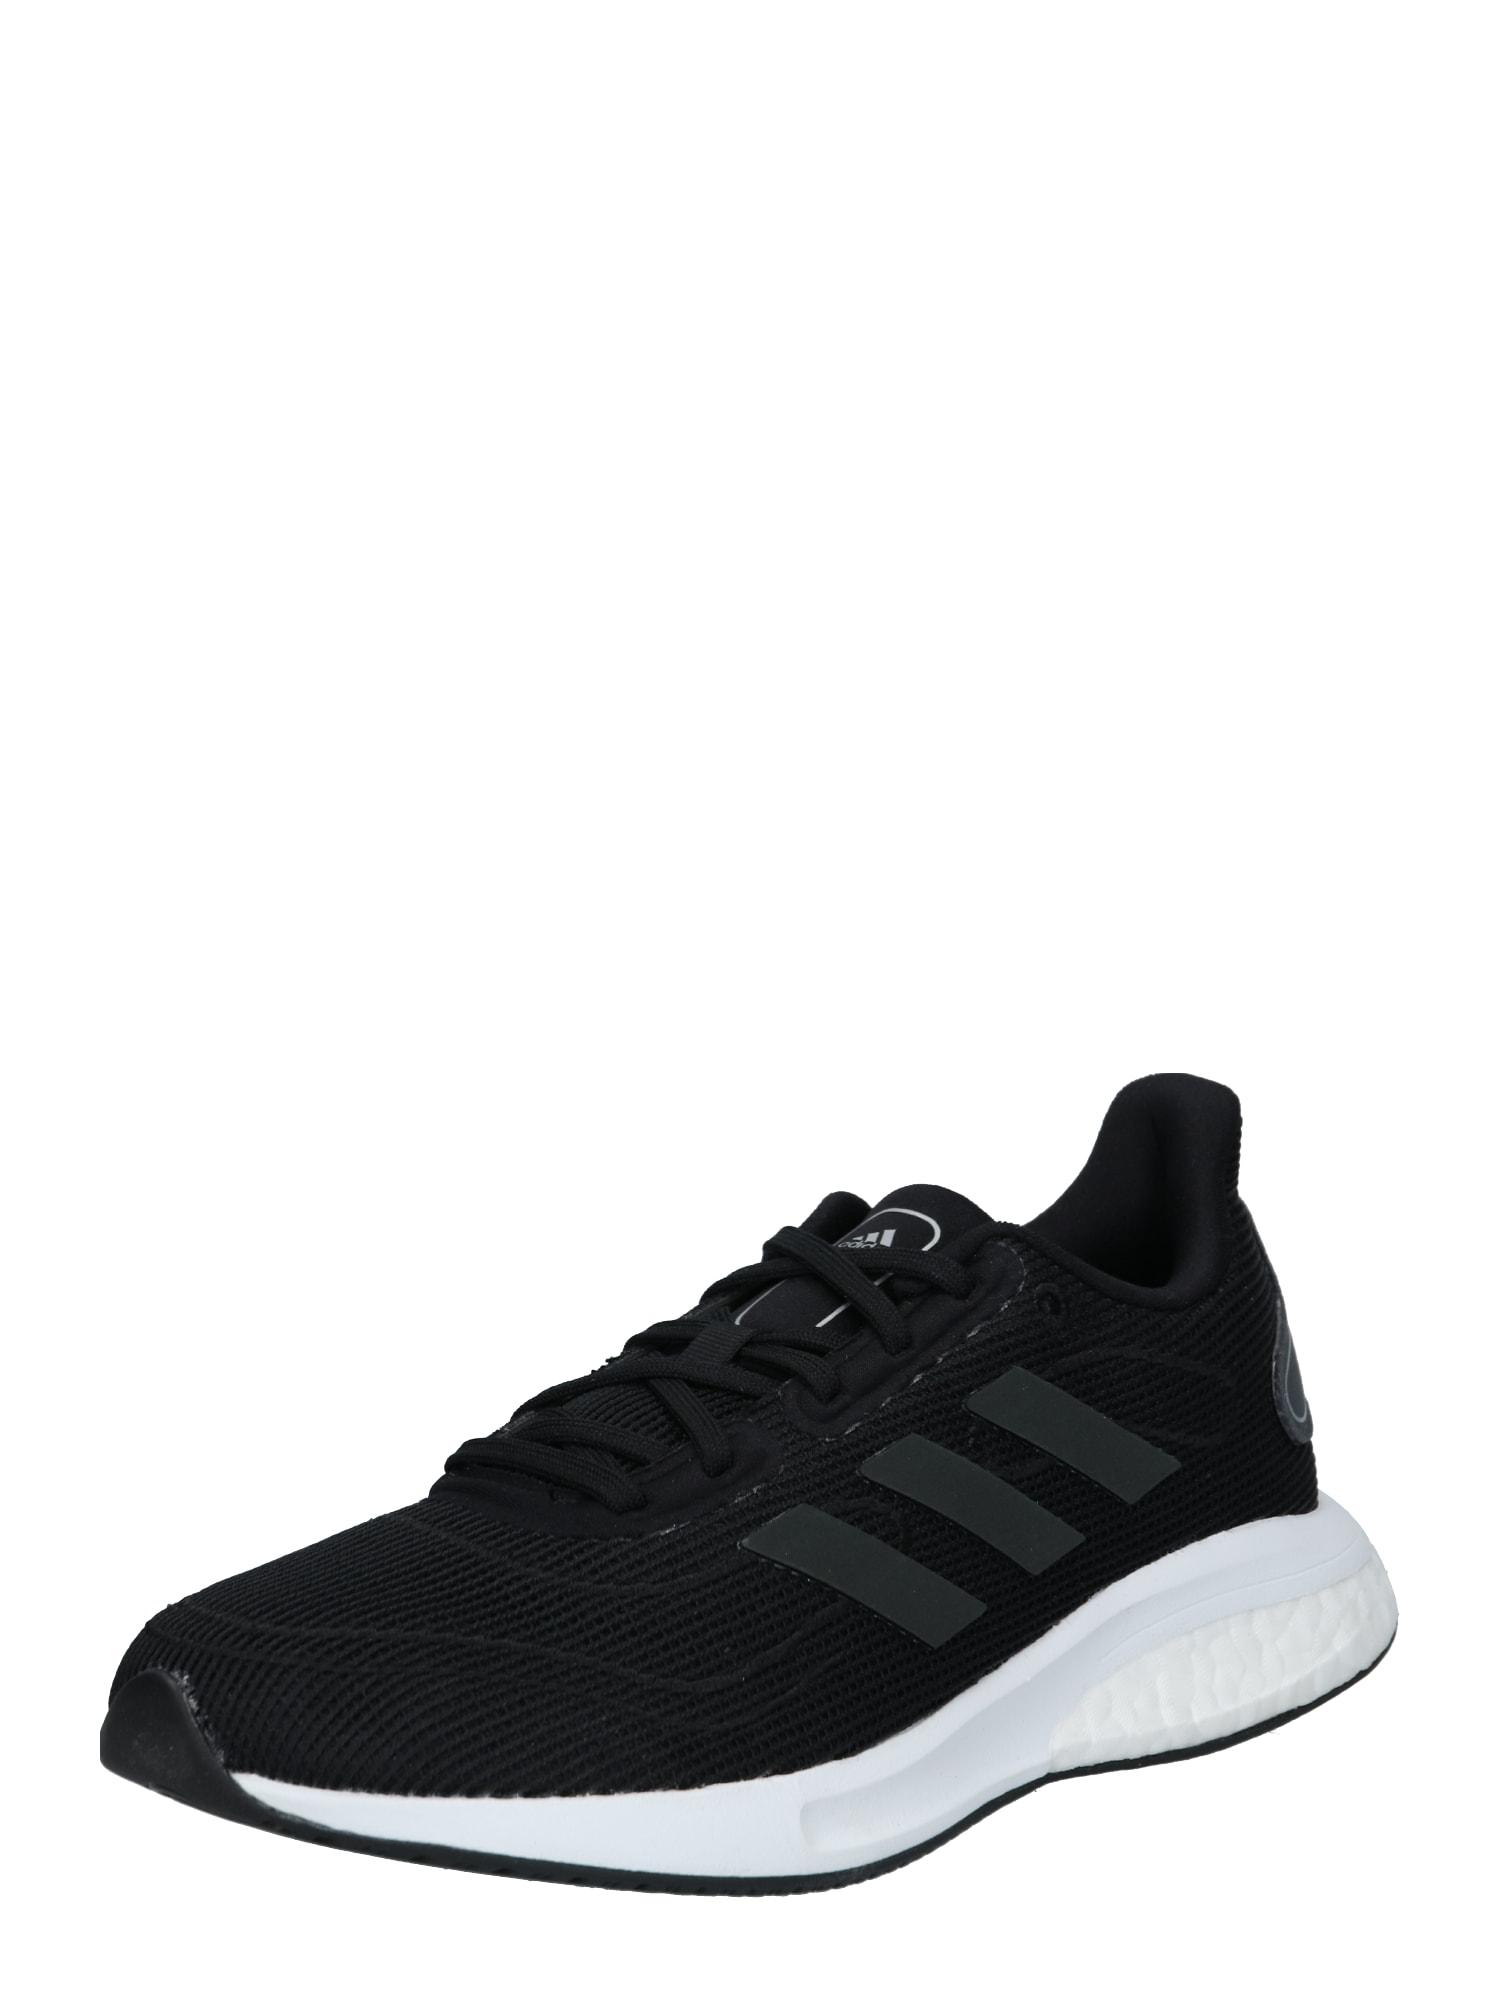 ADIDAS PERFORMANCE Sportiniai batai 'SUPERNOVA' juoda